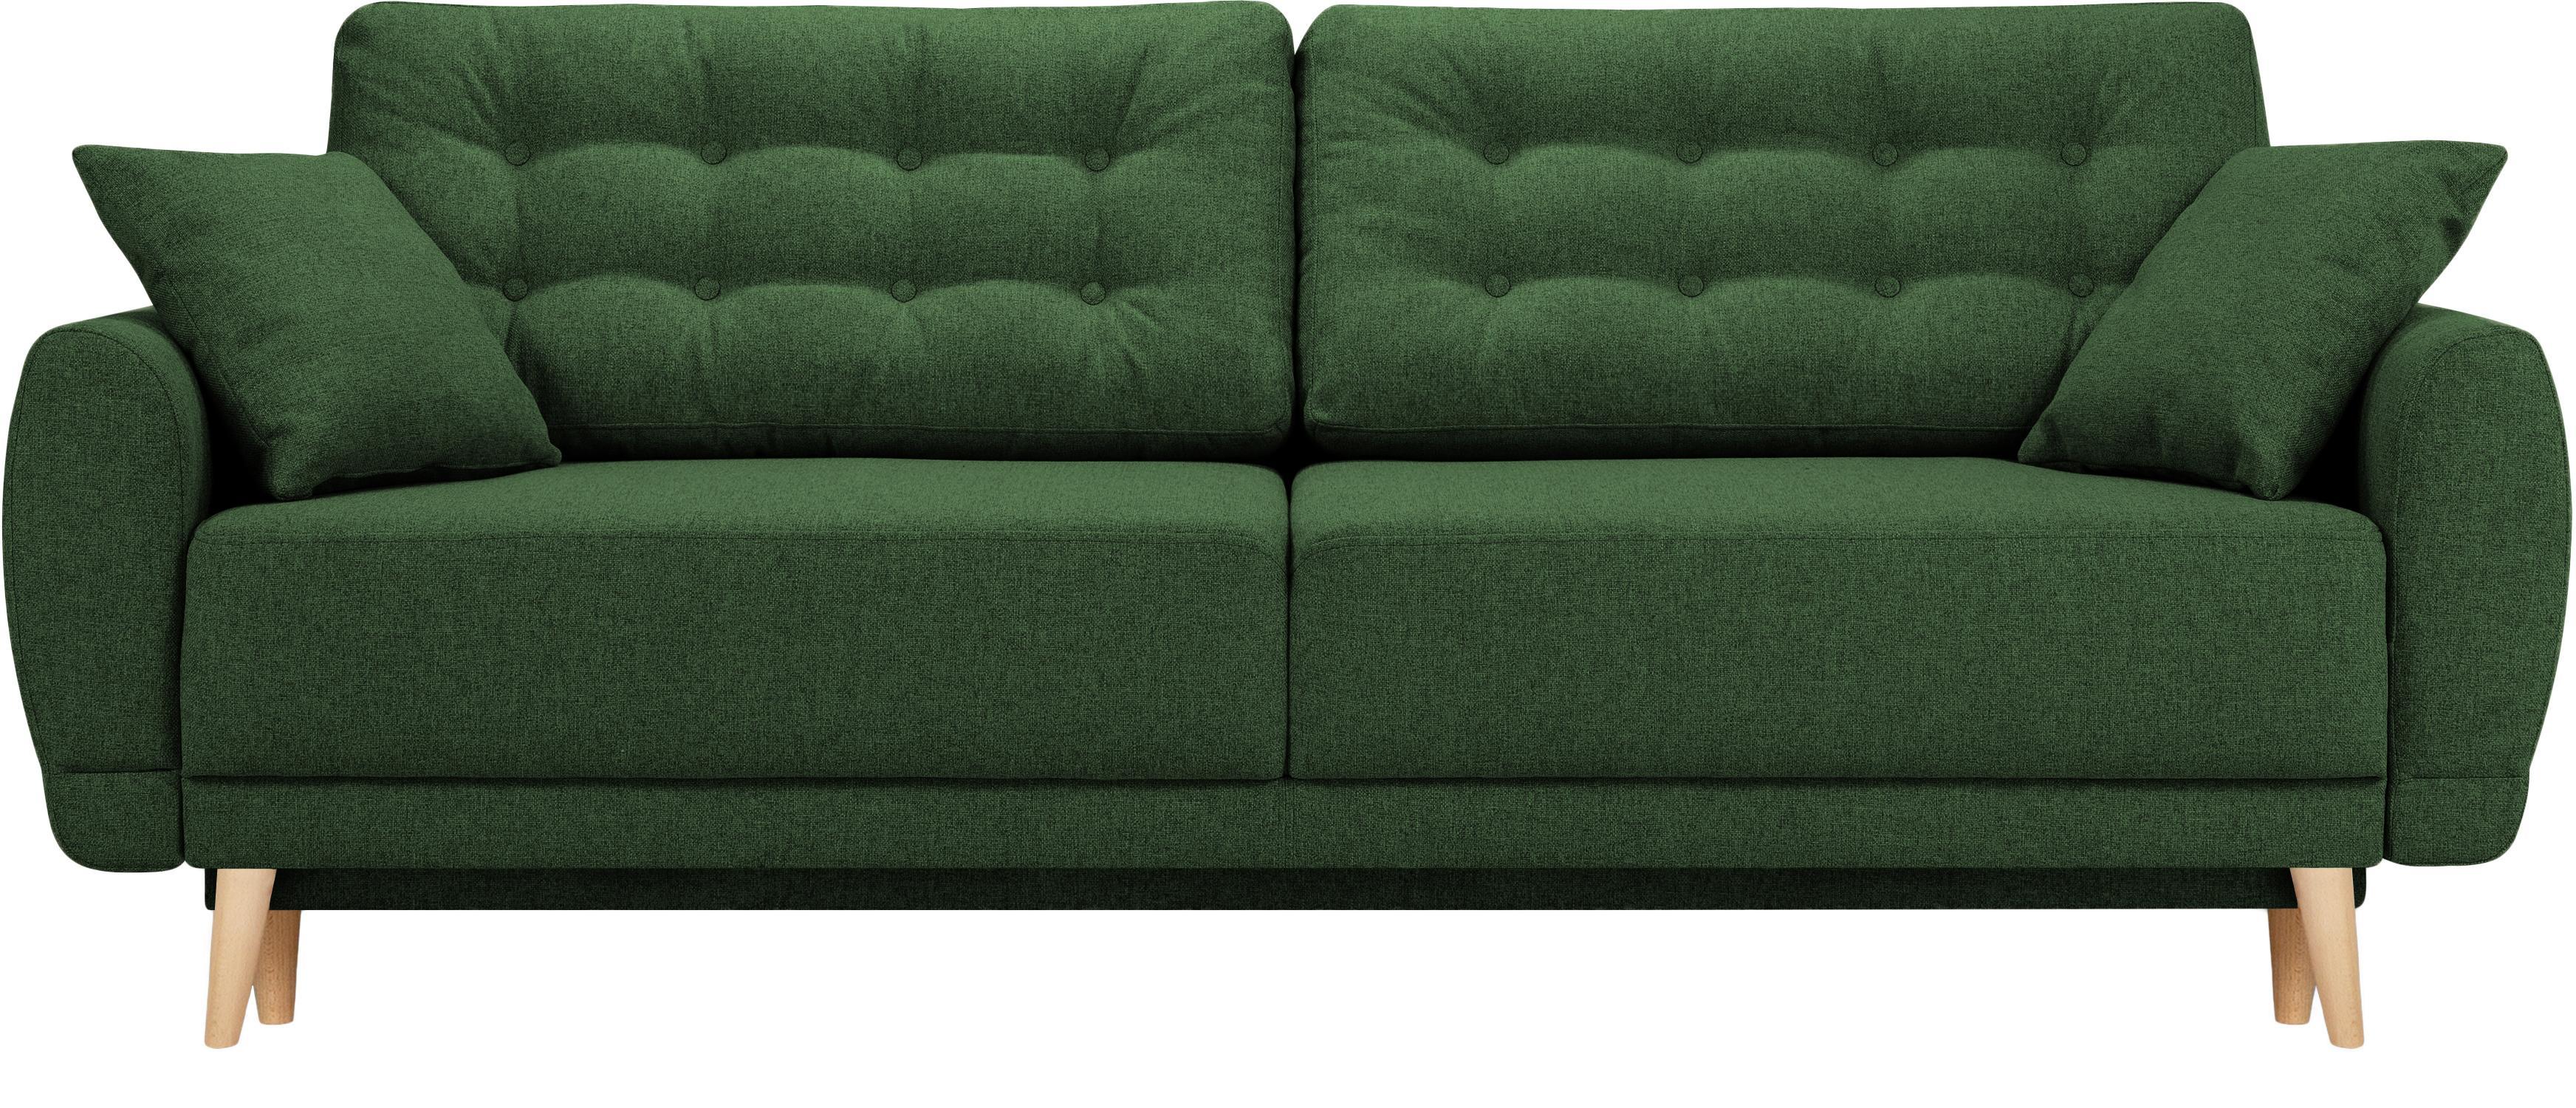 Sofa rozkładana Spinel (3-osobowa), Tapicerka: poliester Dzięki tkaninie, Nogi: drewno brzozowe, Zielony, S 236 x G 93 cm